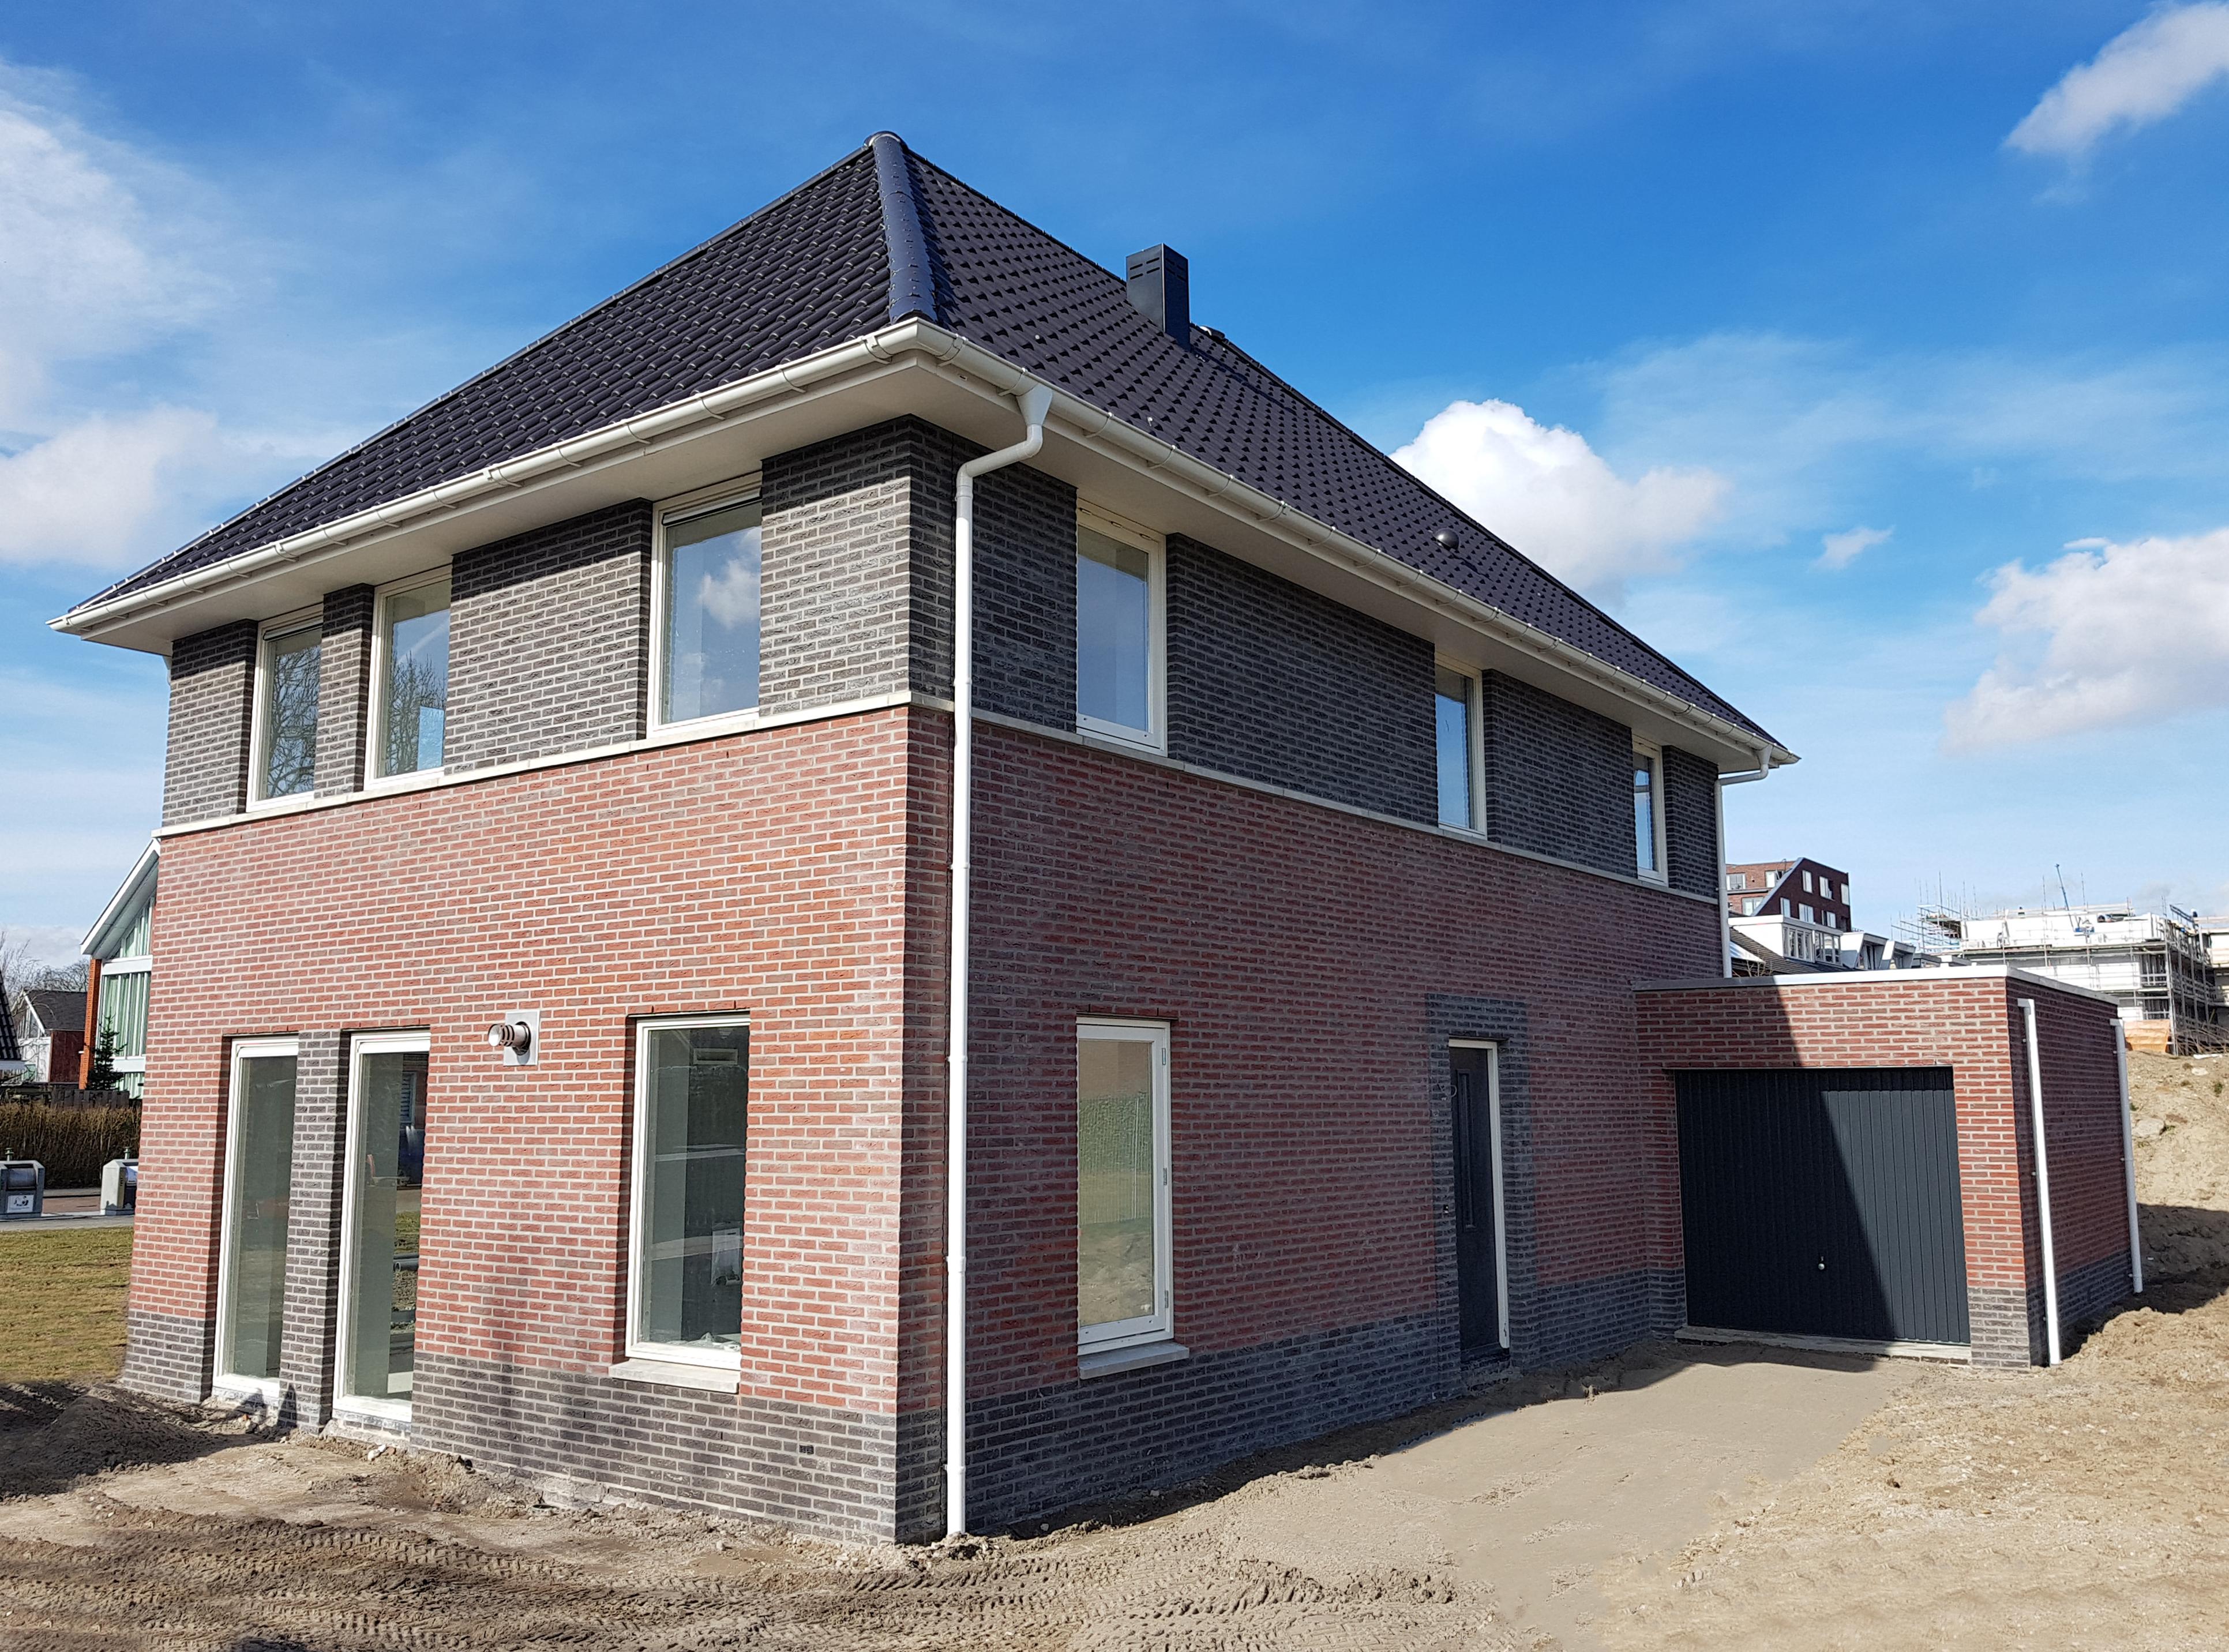 Open huis in utrecht vdm woningen for Huis utrecht